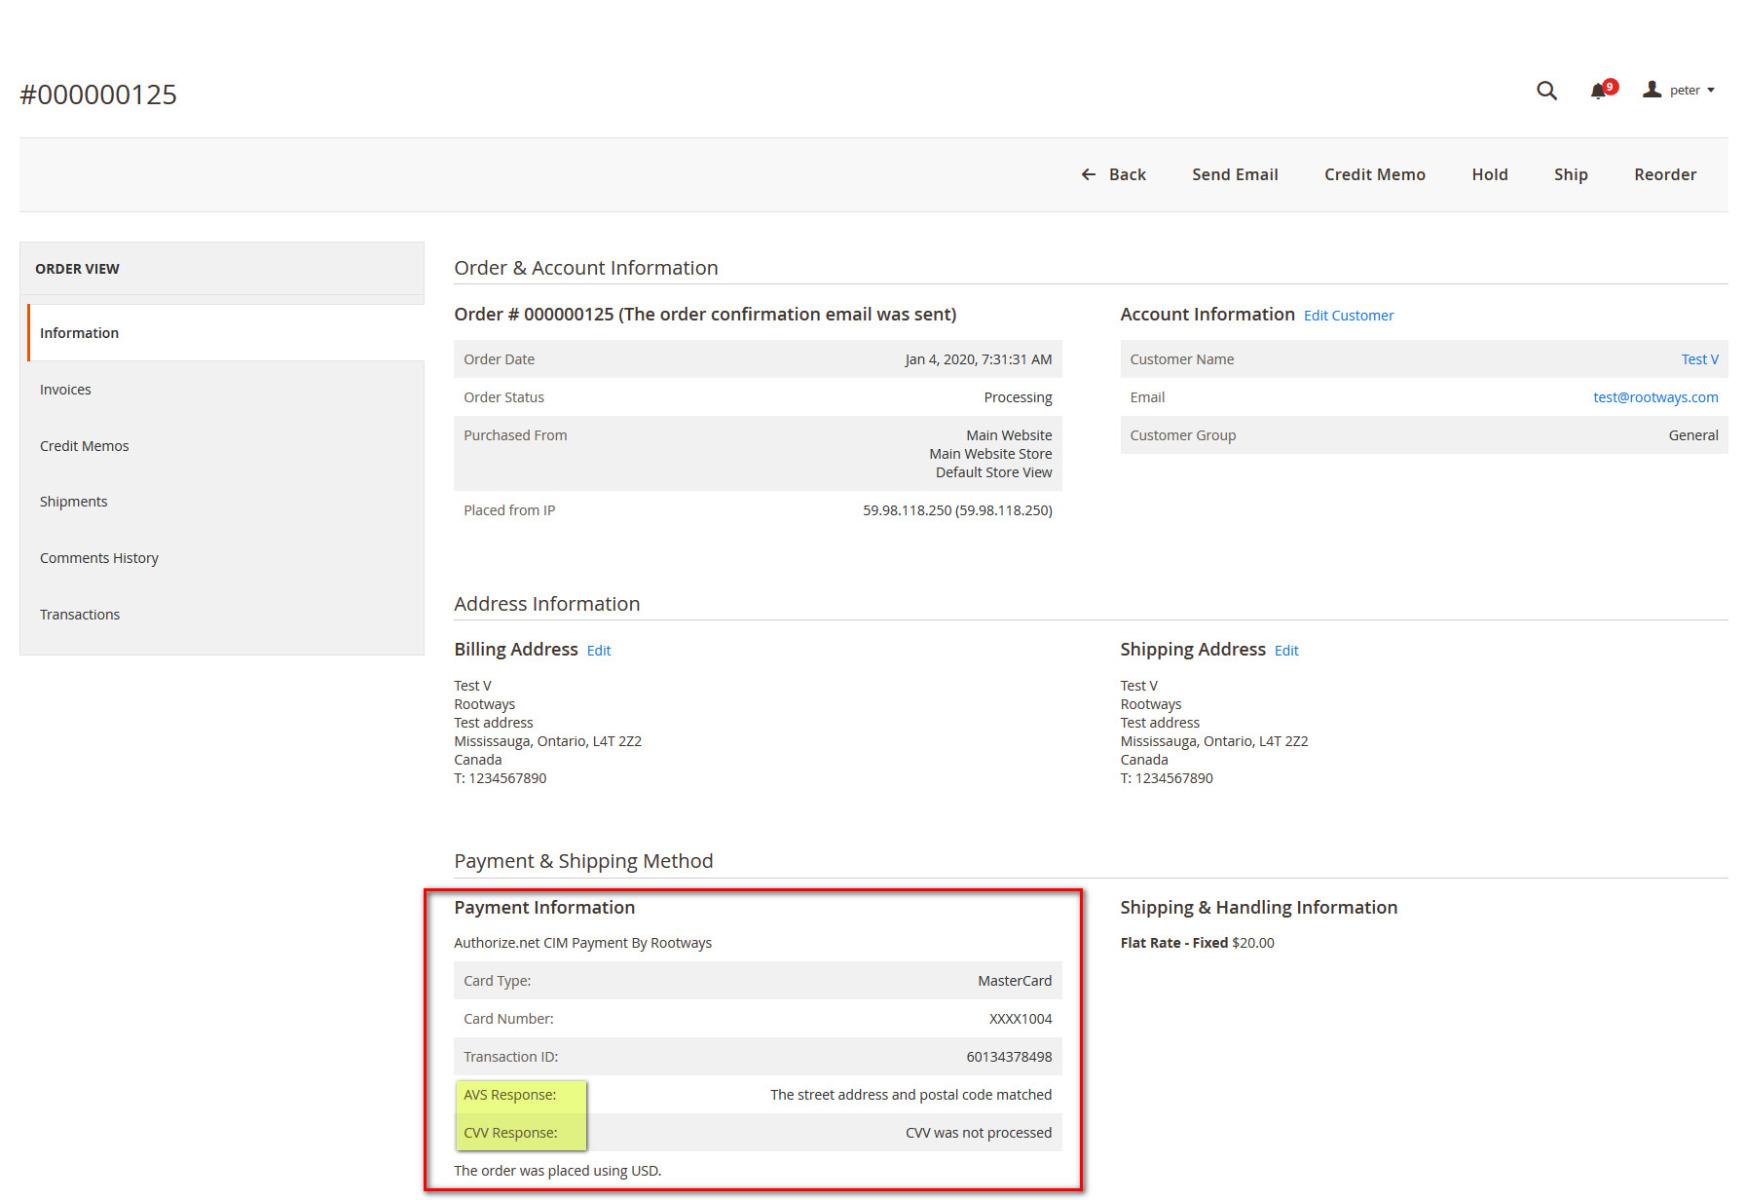 Authorize.net CIM Payment Extension